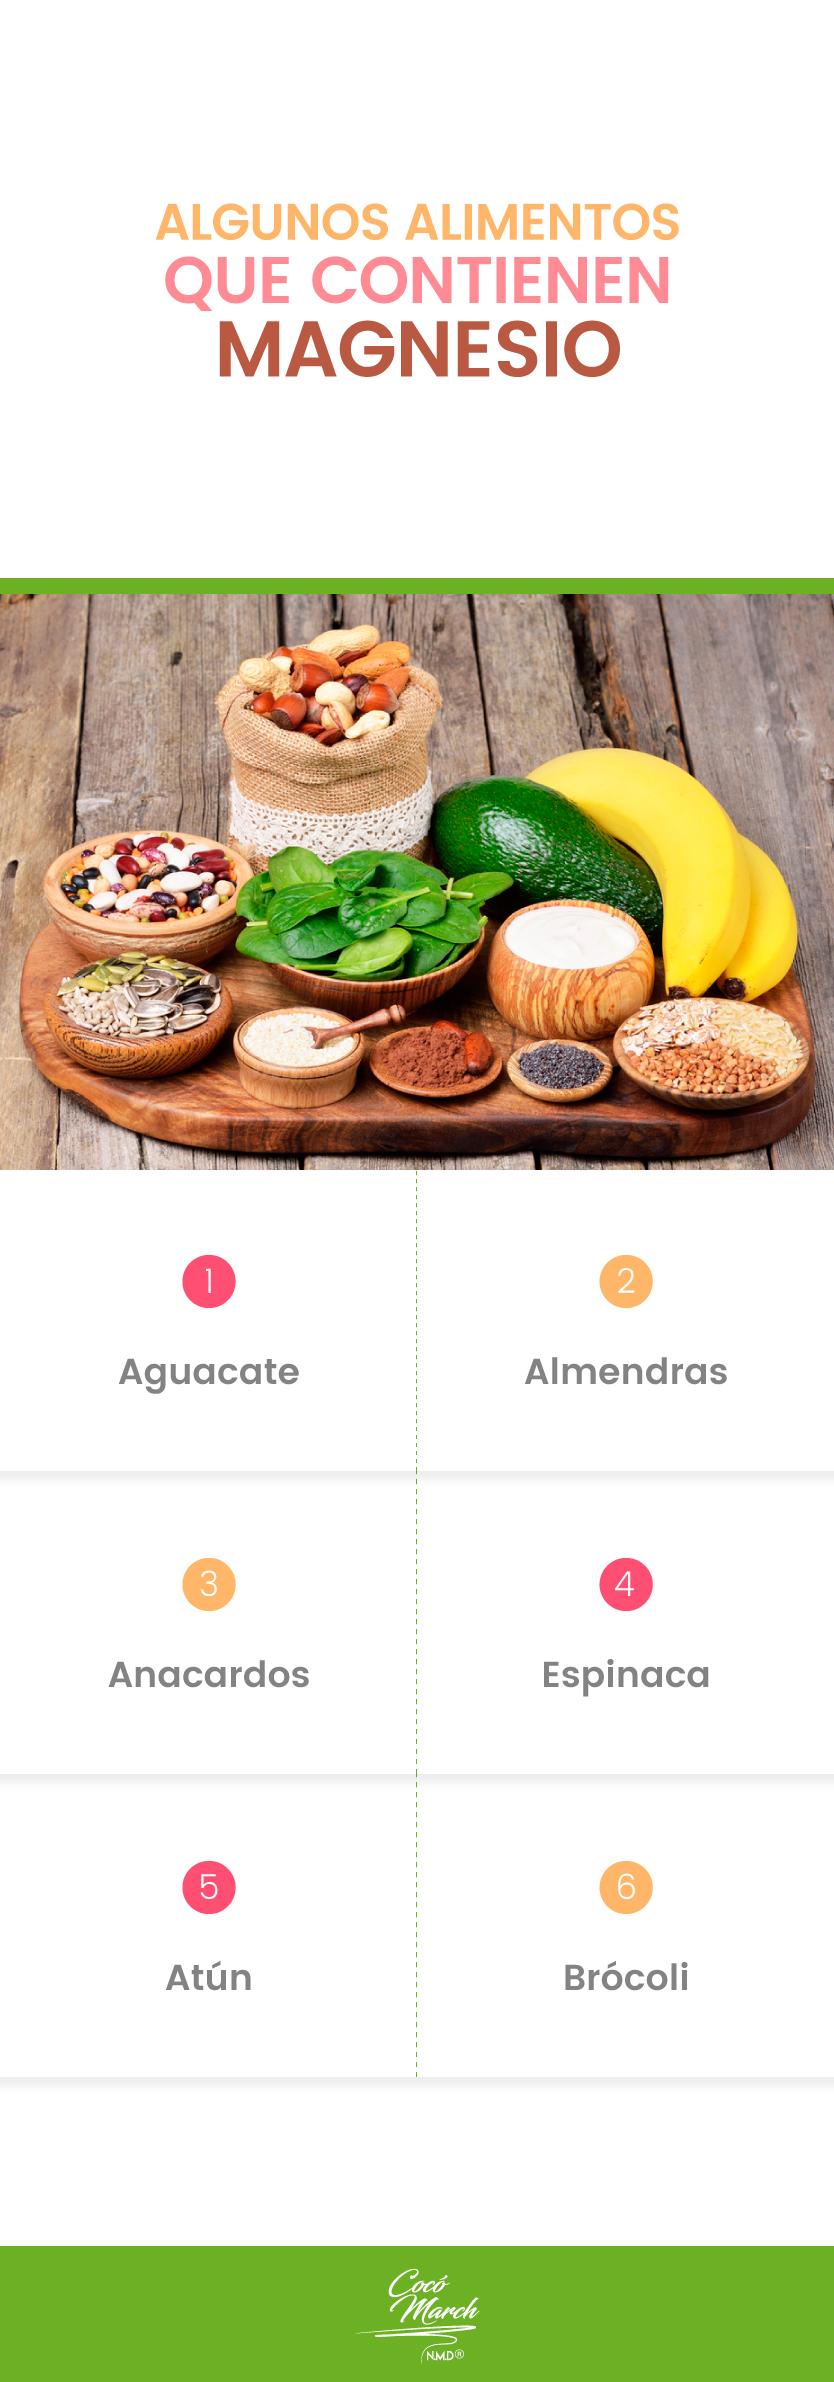 alimentos-que-contienen-magnesio